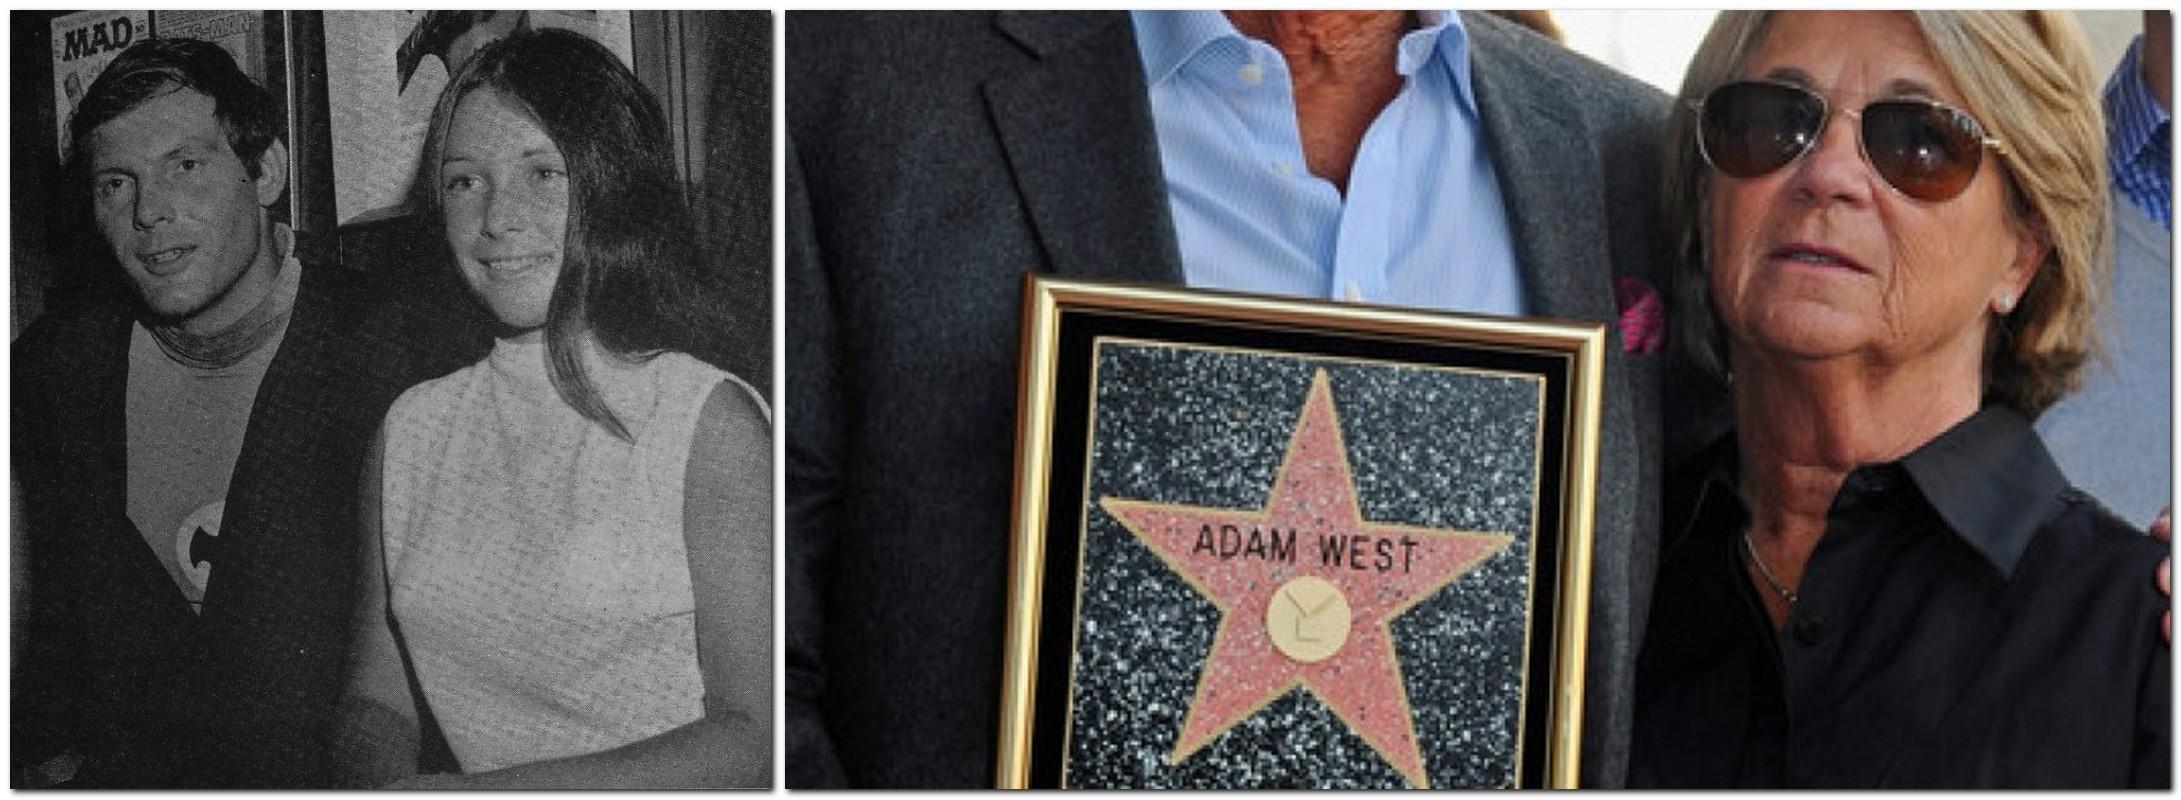 Adam West Family